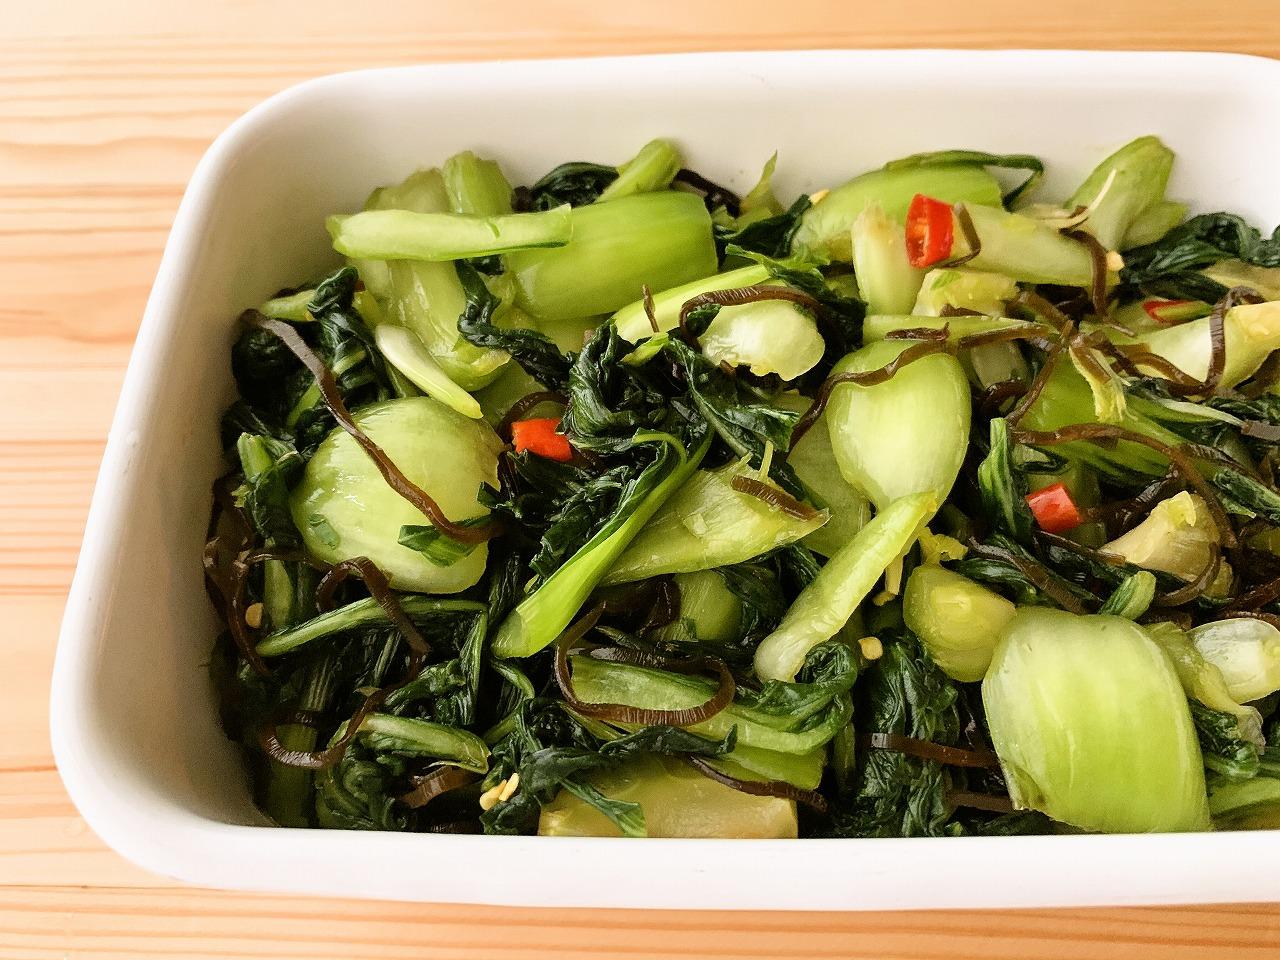 【野菜ひとつ】塩昆布で青梗菜の浅漬け